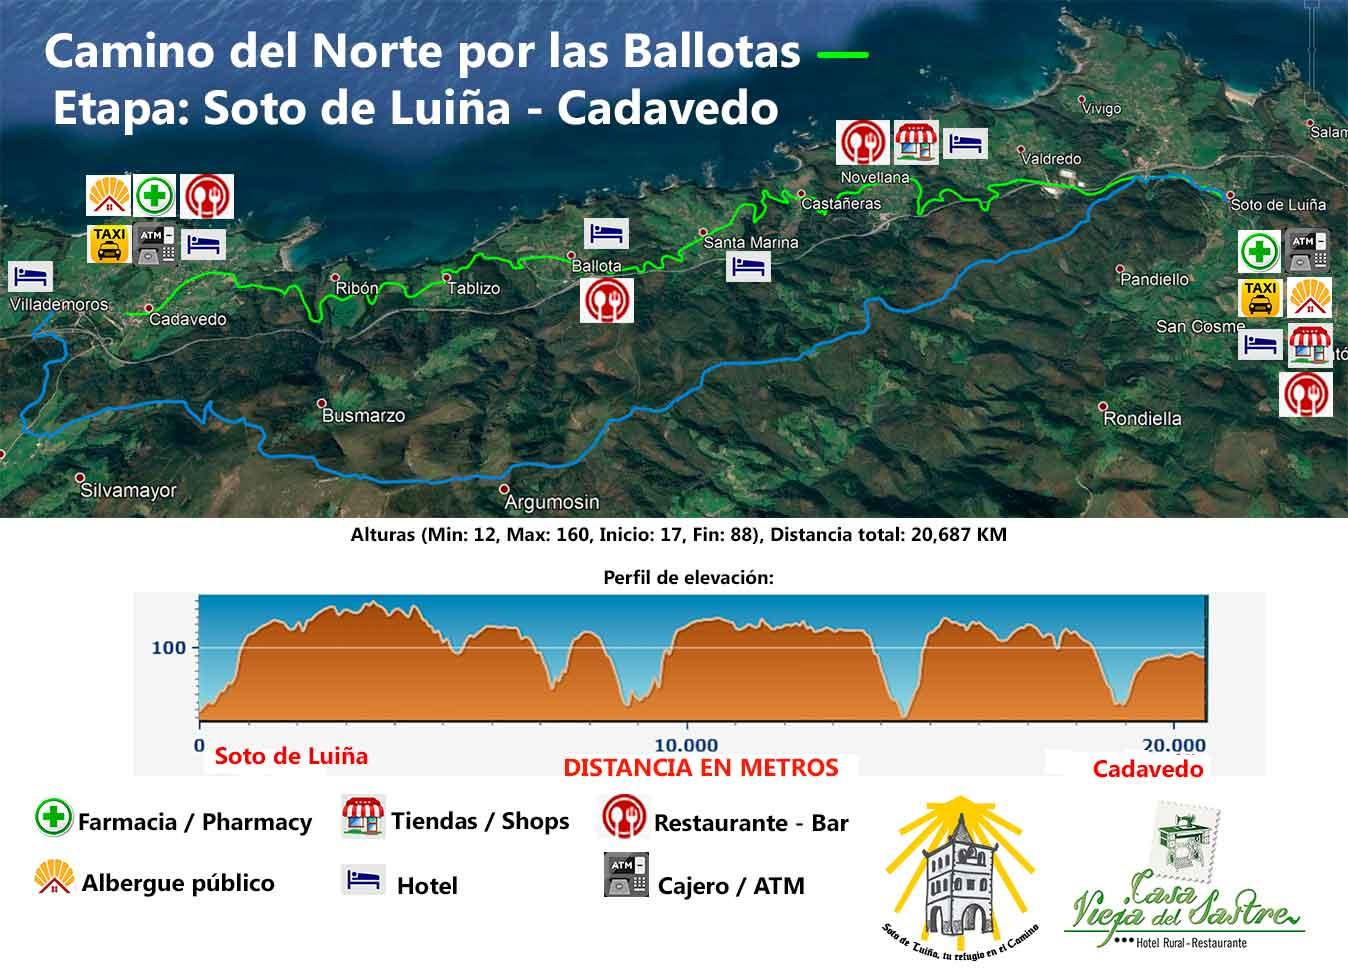 Mapa y perfil de la Etapa Soto de Luiña - Cadavedo por las Ballotas